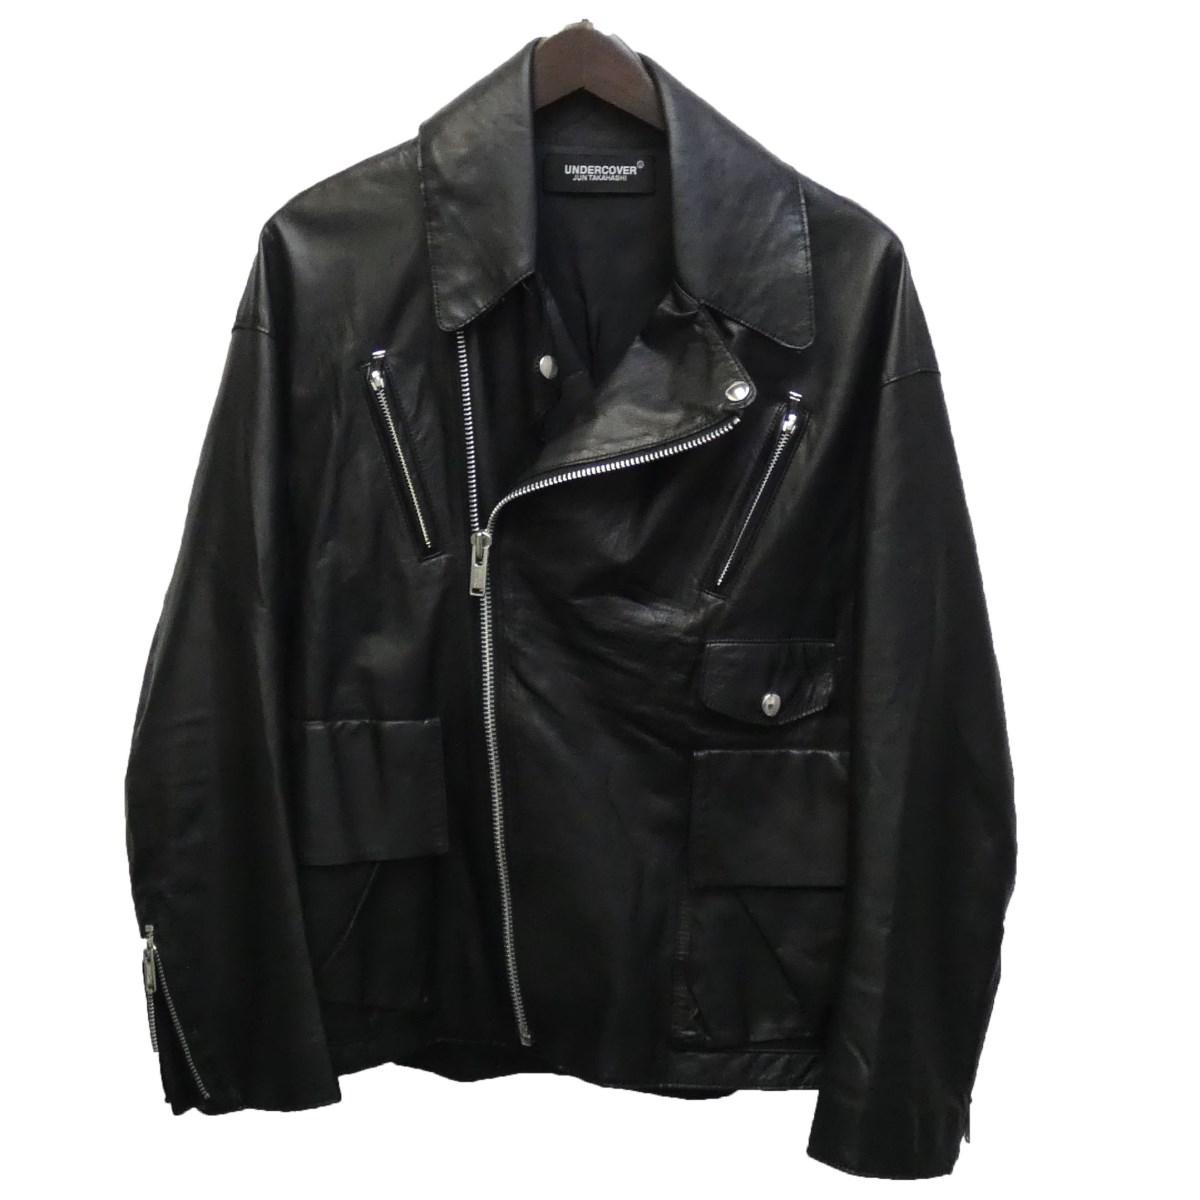 【中古】UNDERCOVER19SS カウレザーライダースジャケット ブラック サイズ:1 【6月8日見直し】